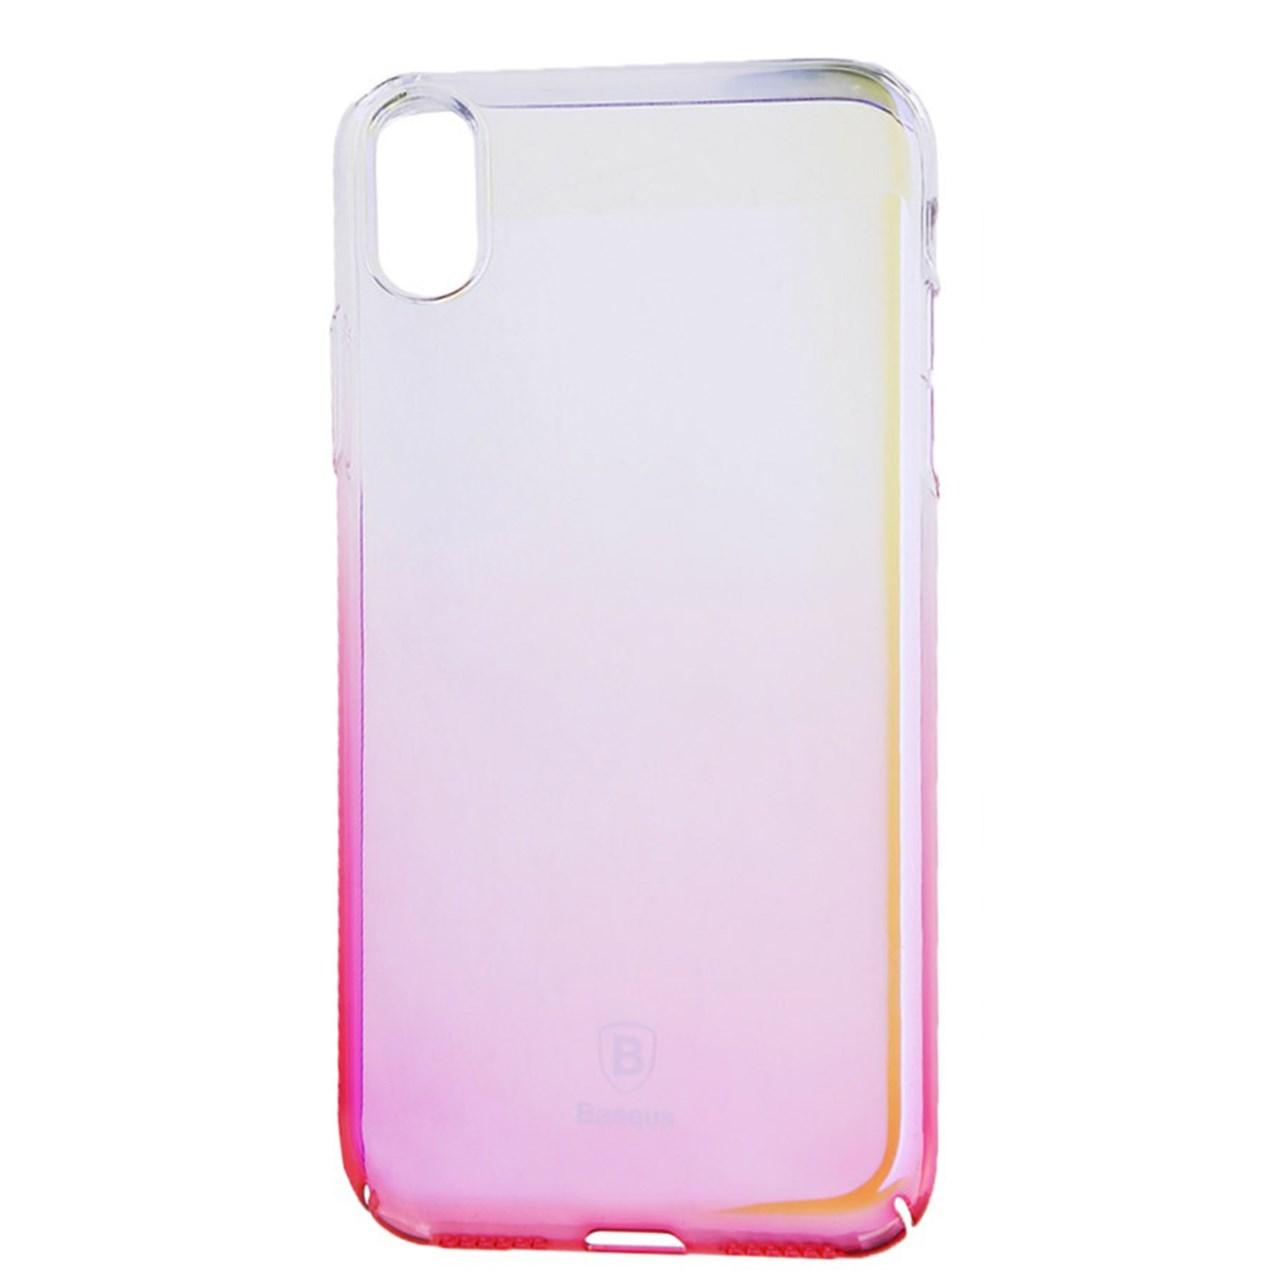 کاور مدل Glaze Case مناسب برای گوشی موبایل اپل iphone X/10